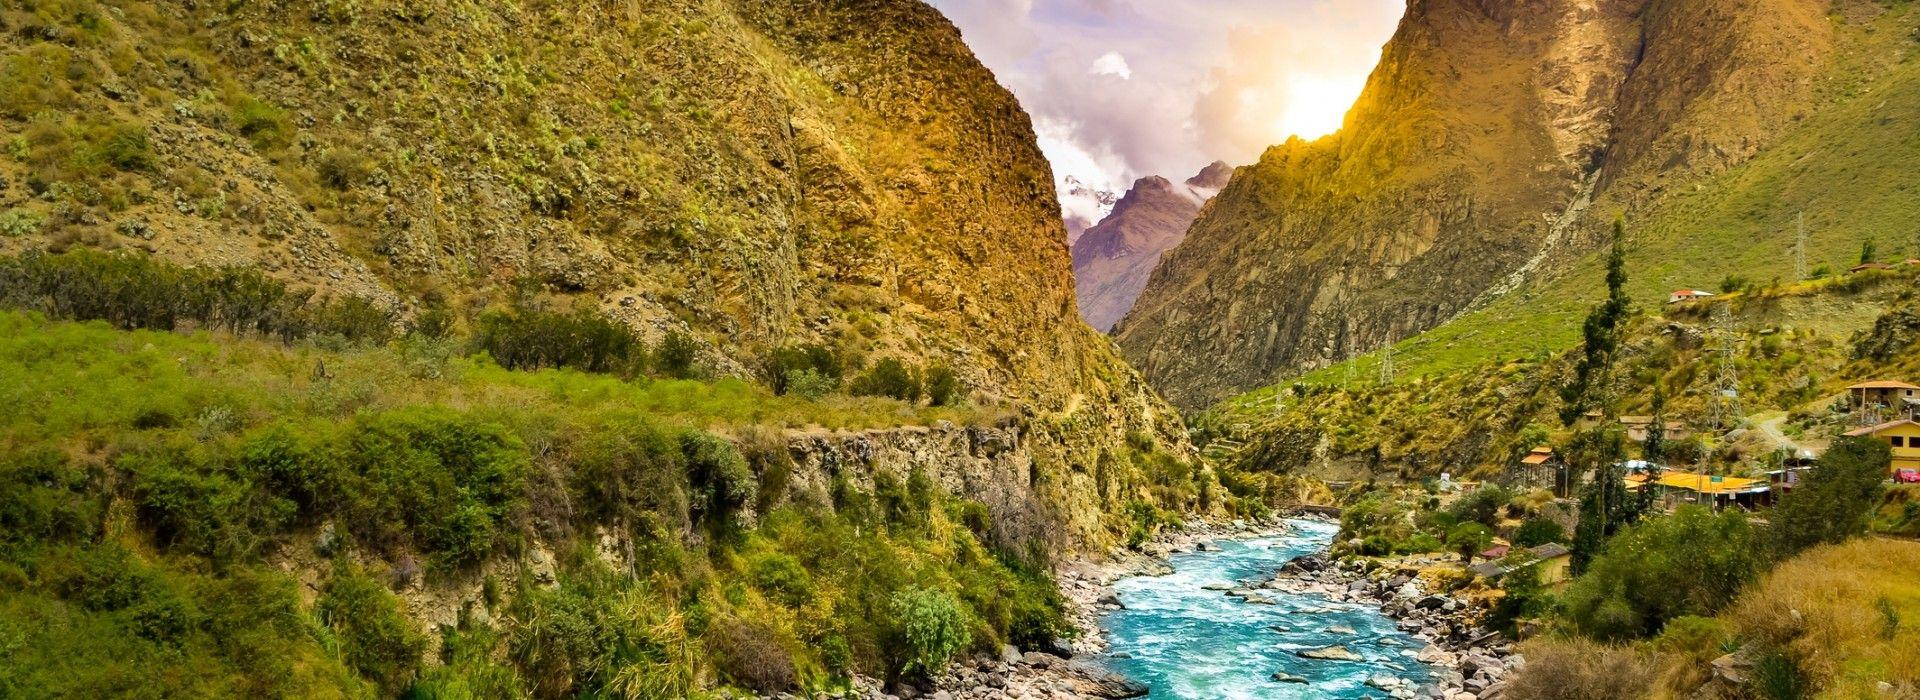 Aguas Calientes, also known as Machu Picchu Pueblo, this town lies in a deep gorge below the ruins.